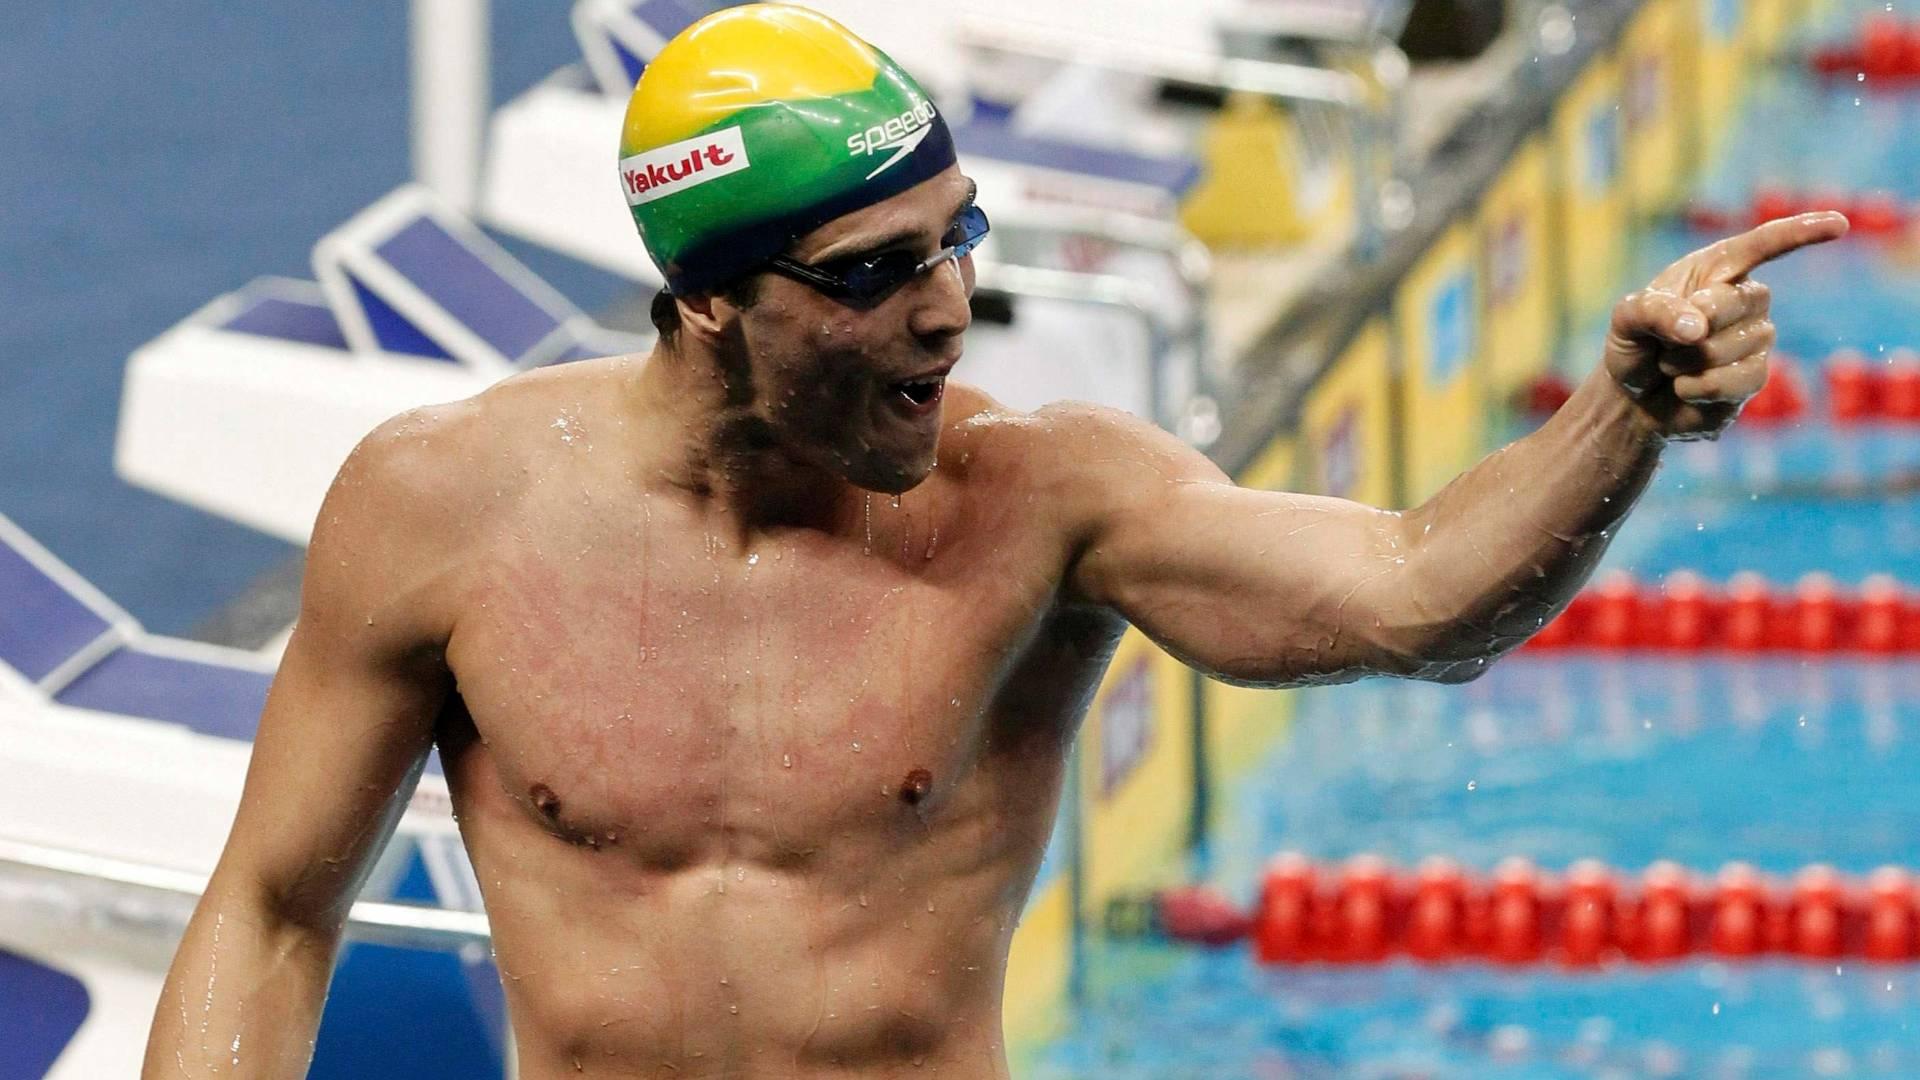 Bruno Fratus comemora após avançar à final dos 50 m com o melhor tempo